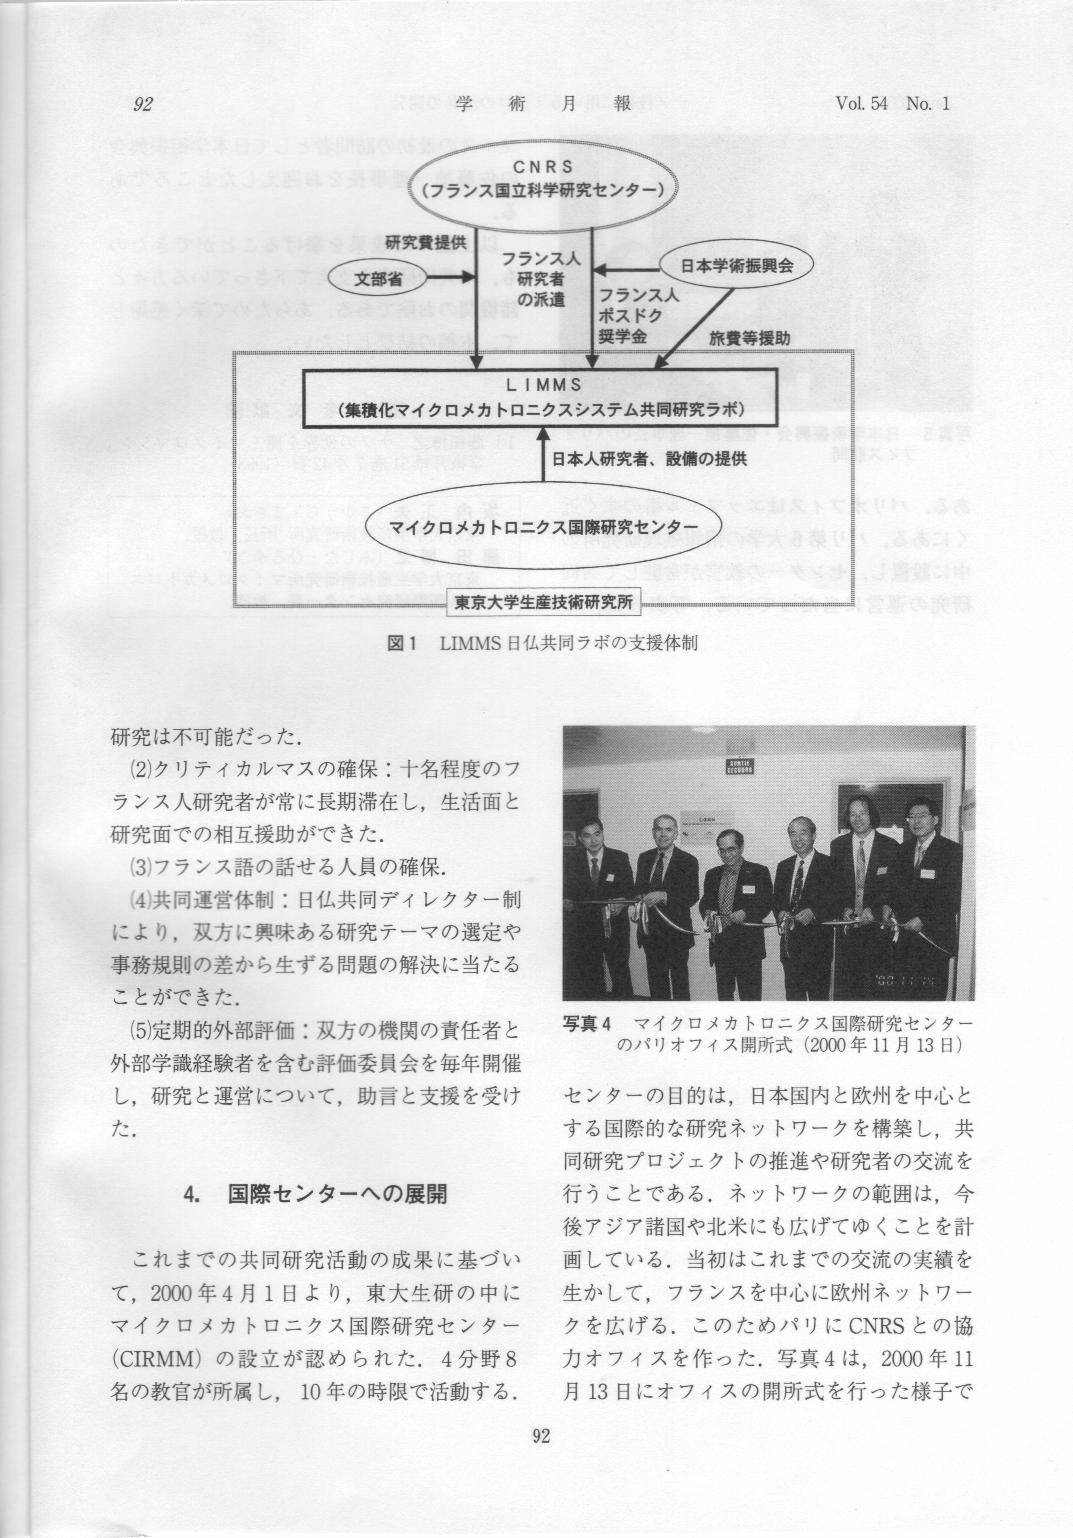 学術月報200101-5.png